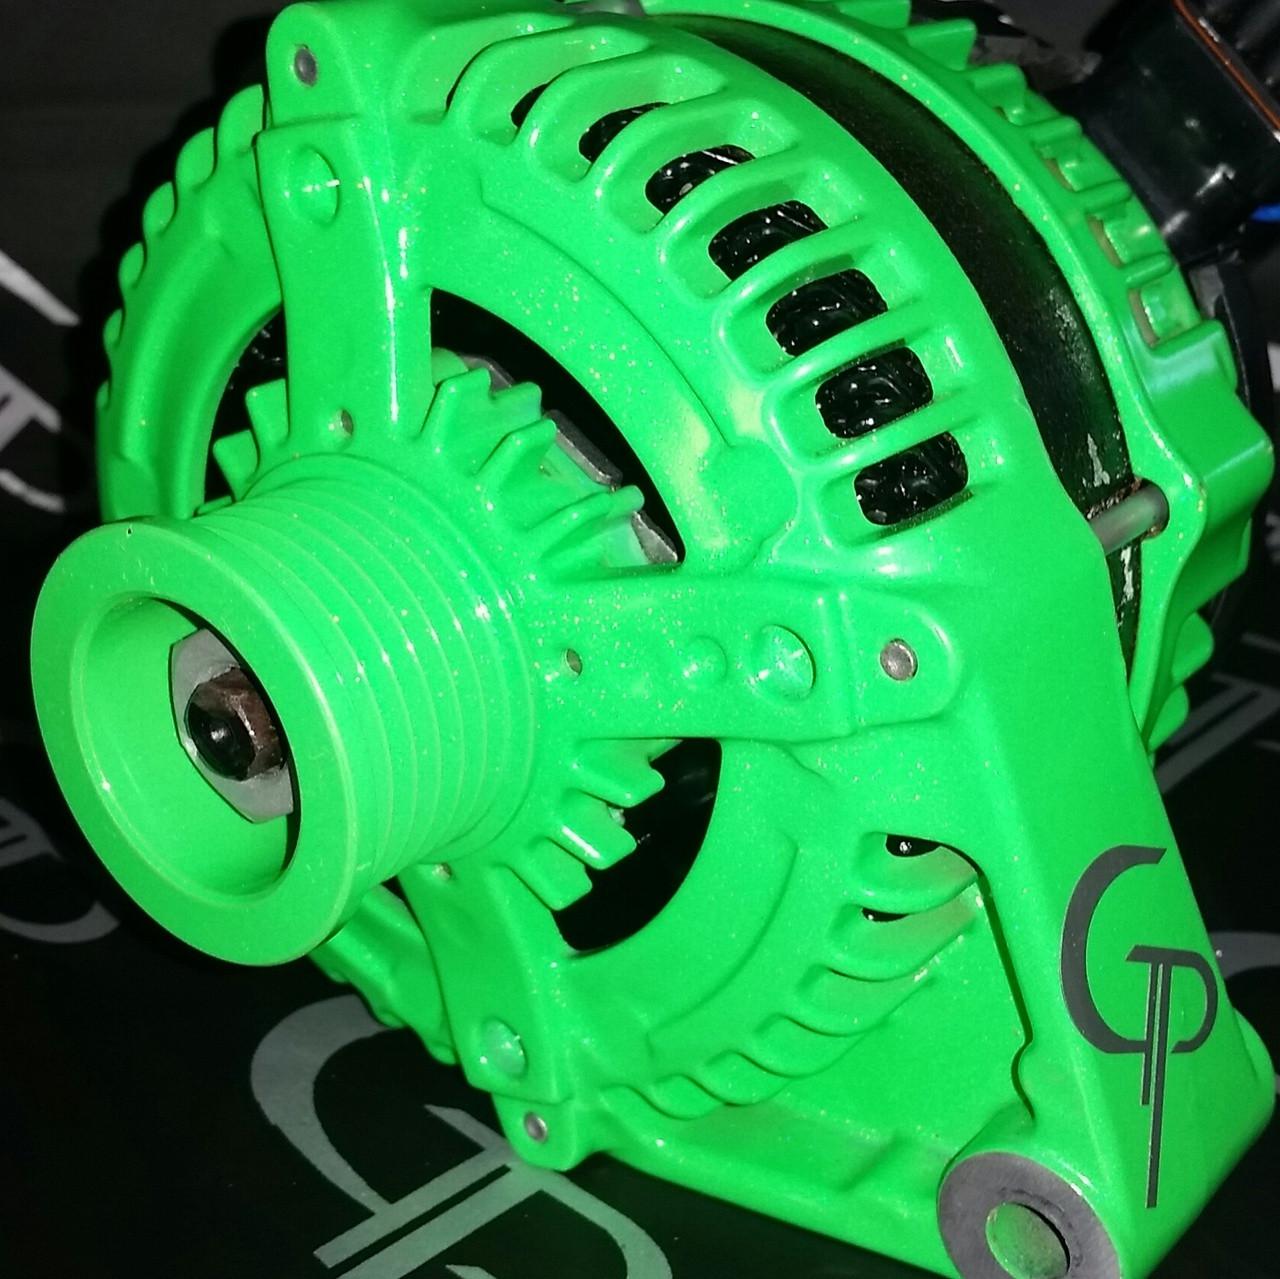 DODGE CALIBER 2.4L -2008- 300 AMP TEAM GP Alternator